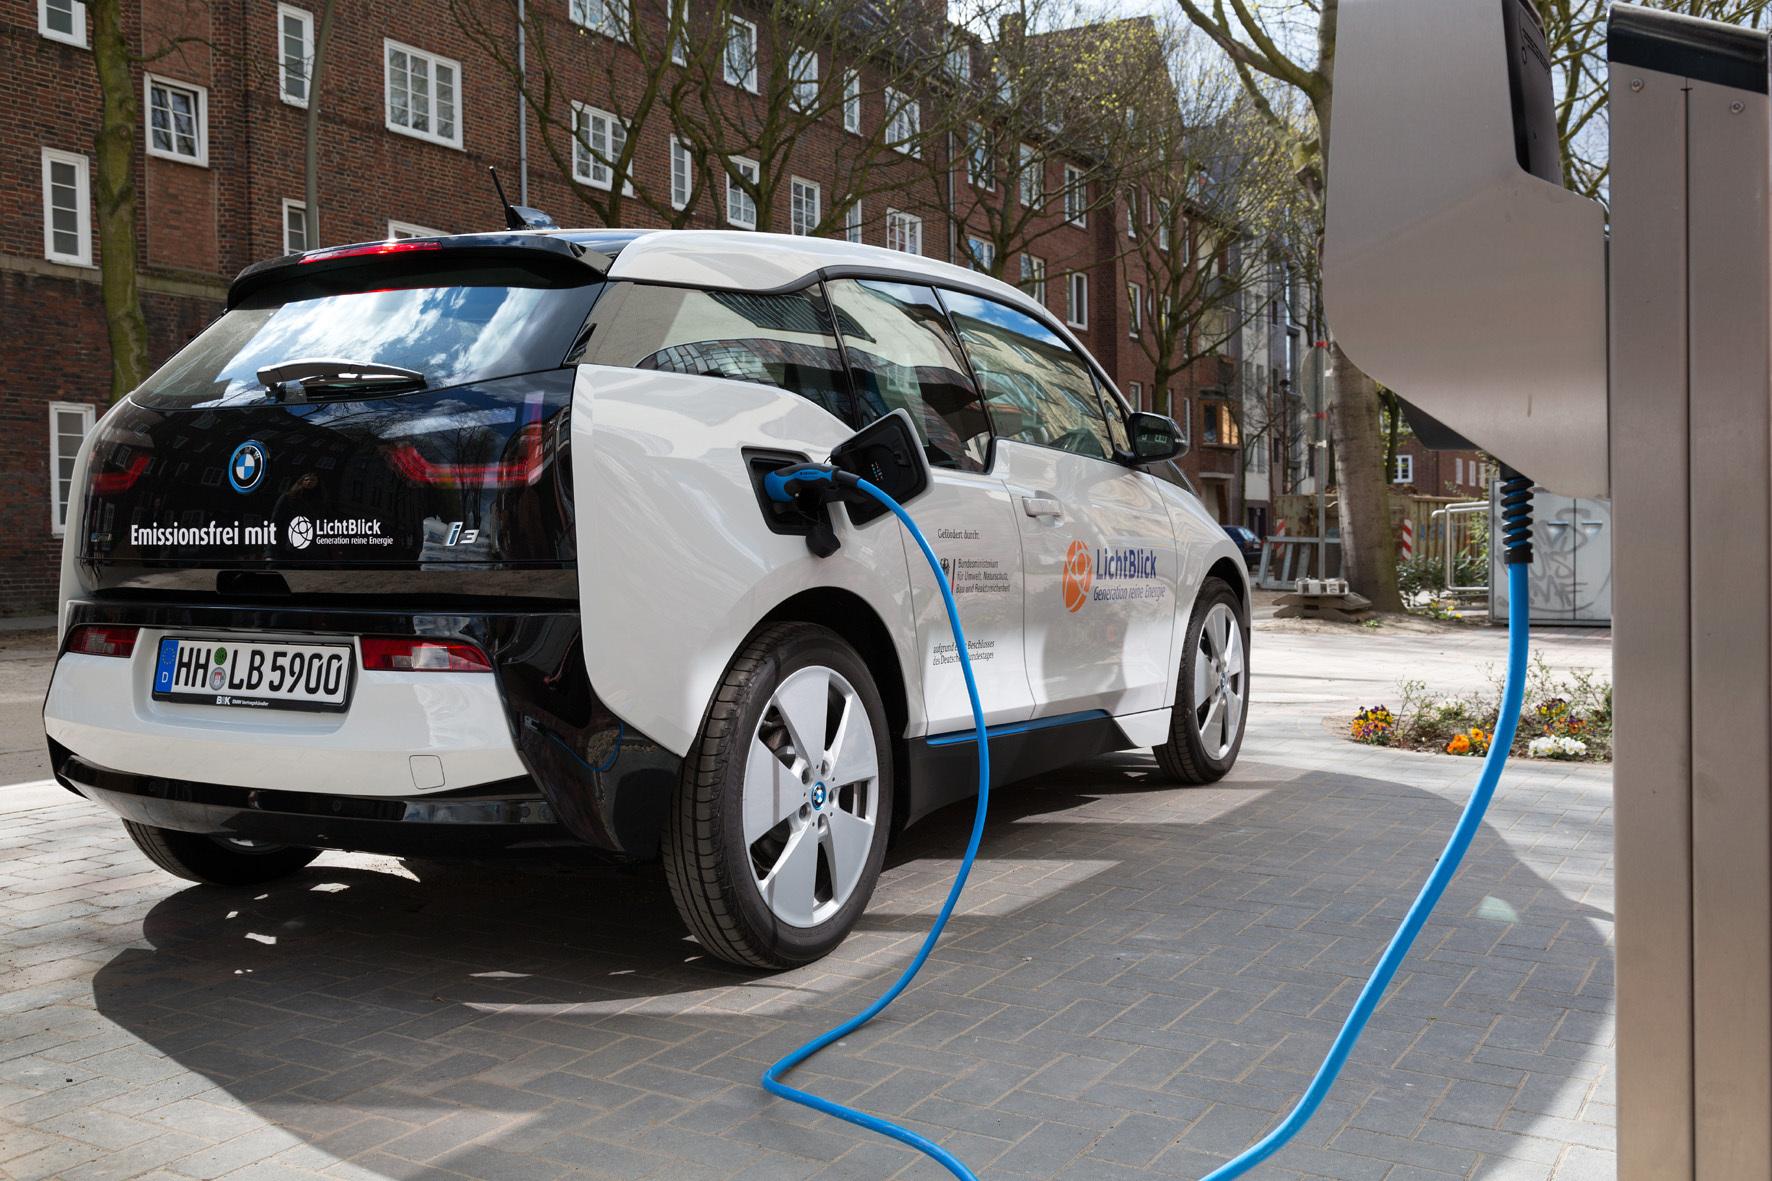 mid Düsseldorf - Fahrer von Elektroautos sollen künftig mit ihrem Fahrzeug Geld verdienen können, indem sie es Stromanbietern als Zwischenspeicher zur Verfügung stellen.